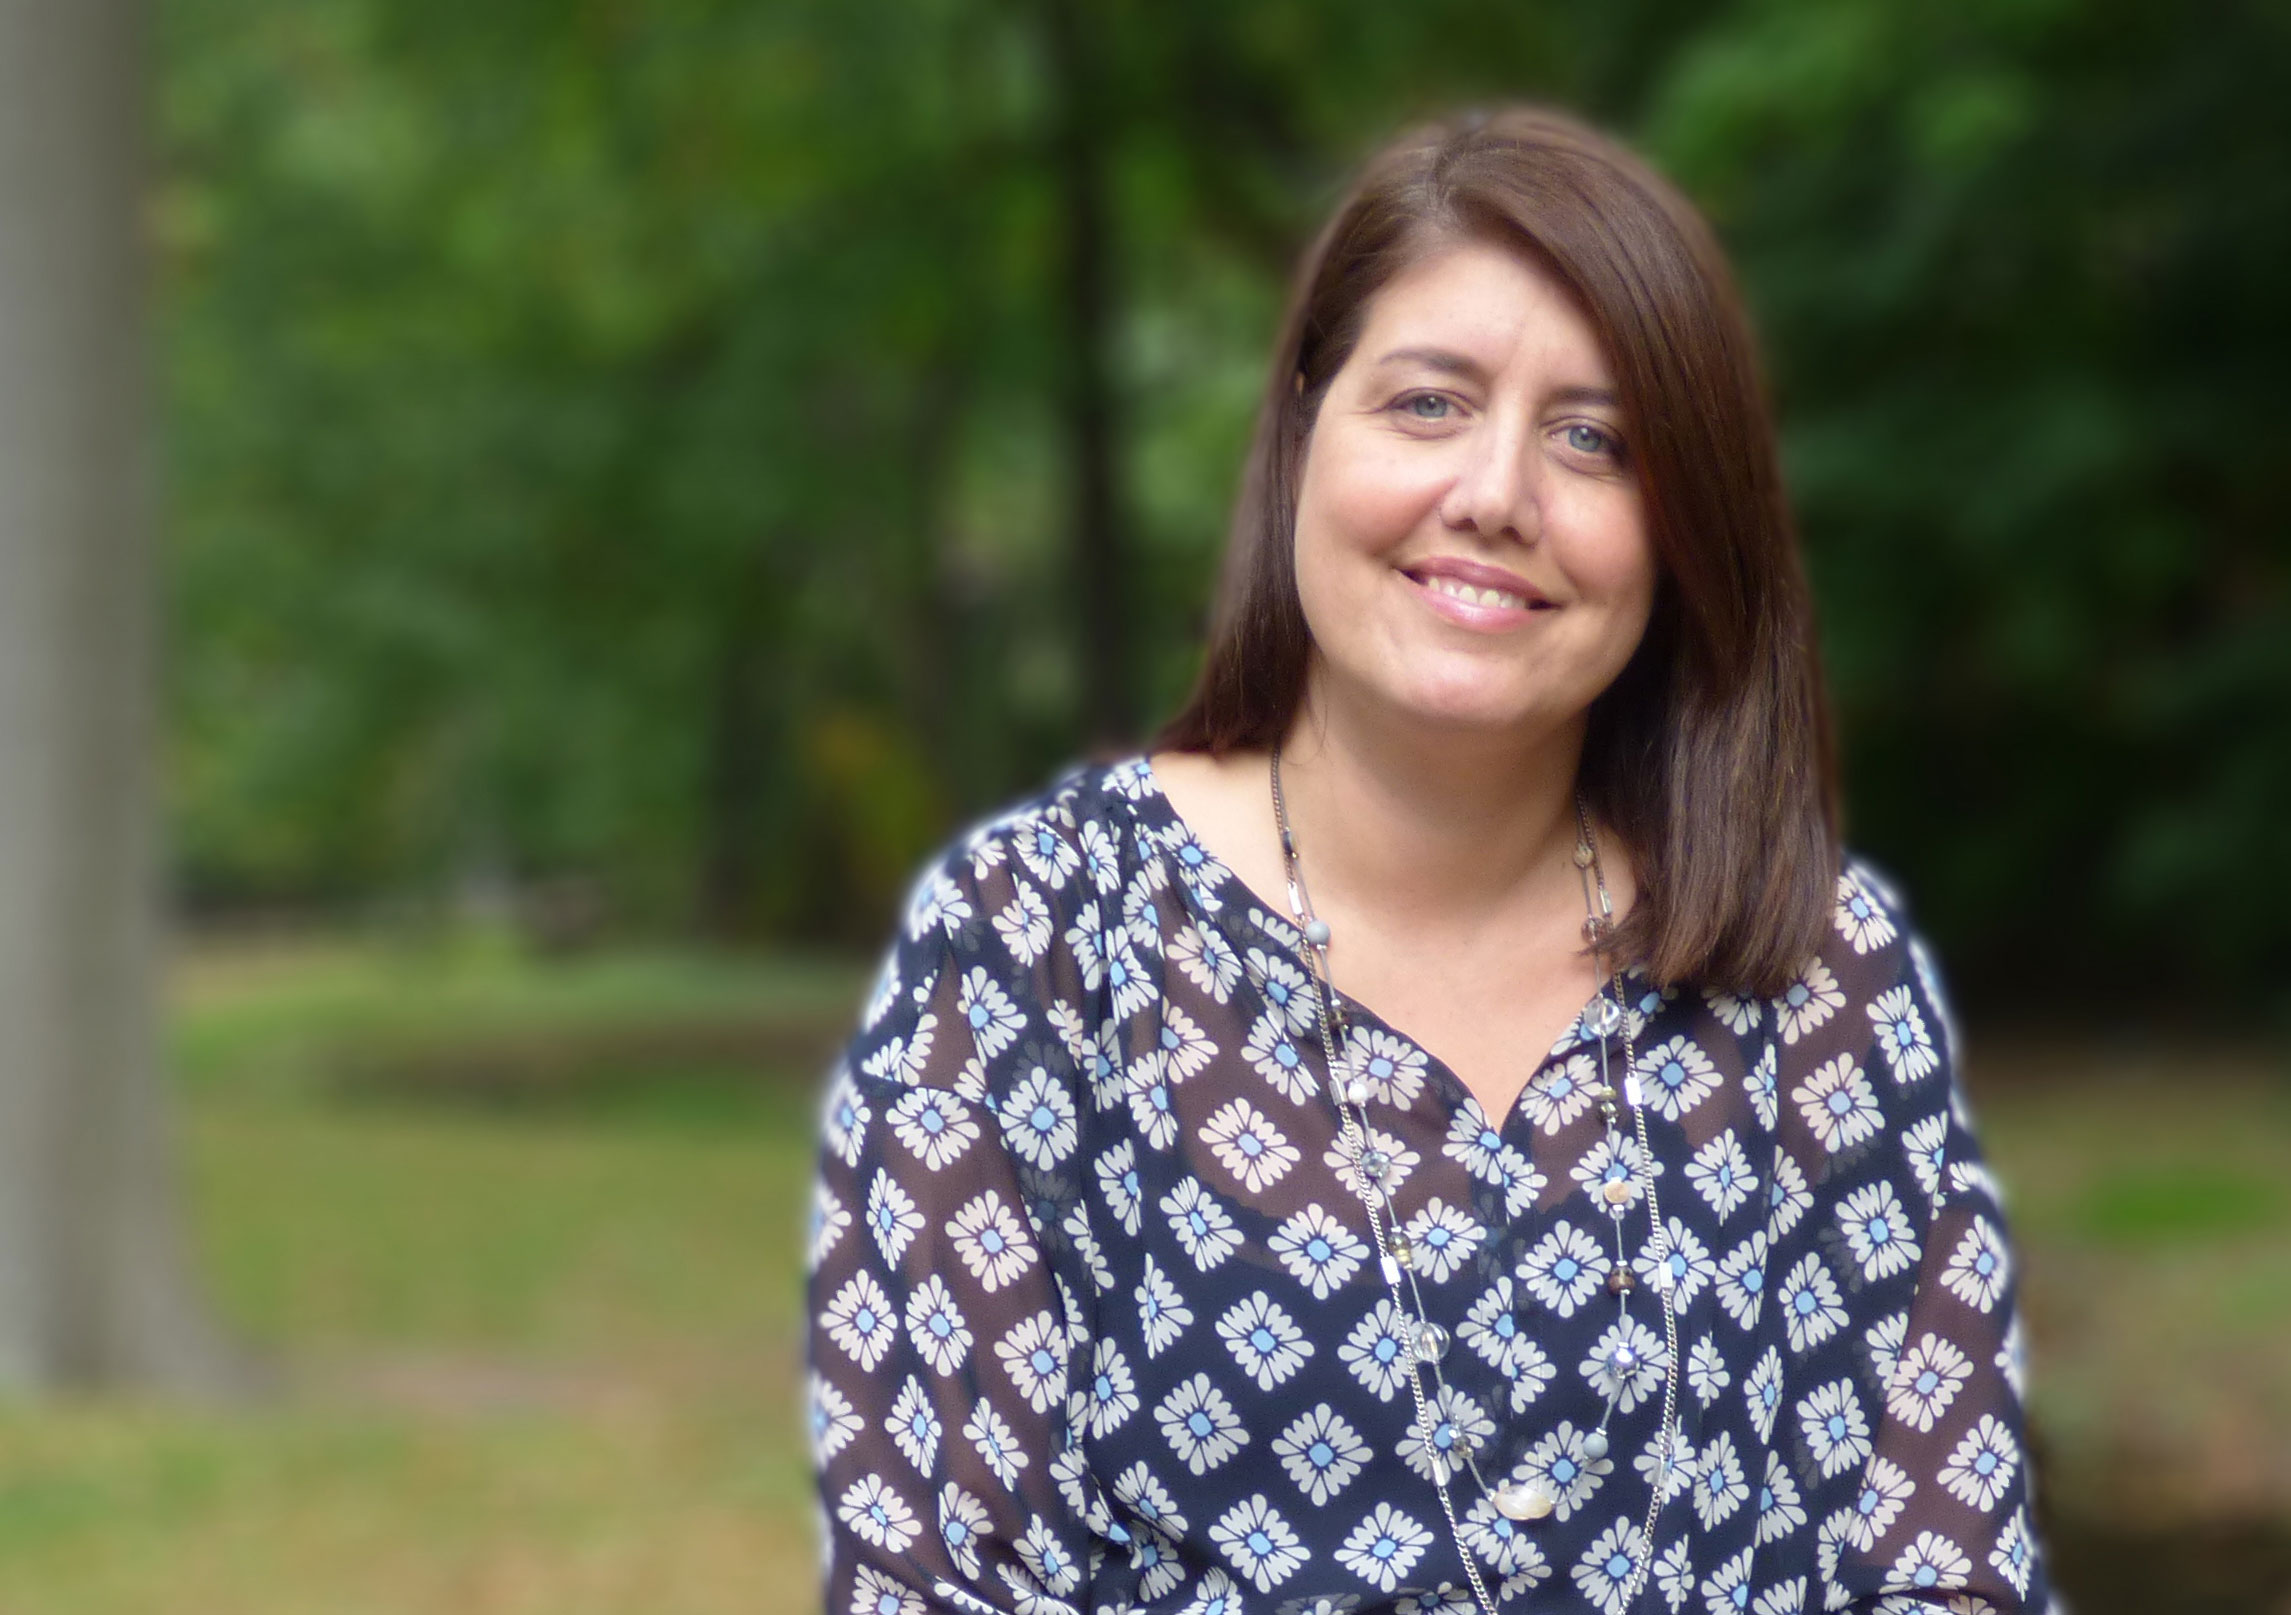 Lea Velocci, Vice President / Creative Director